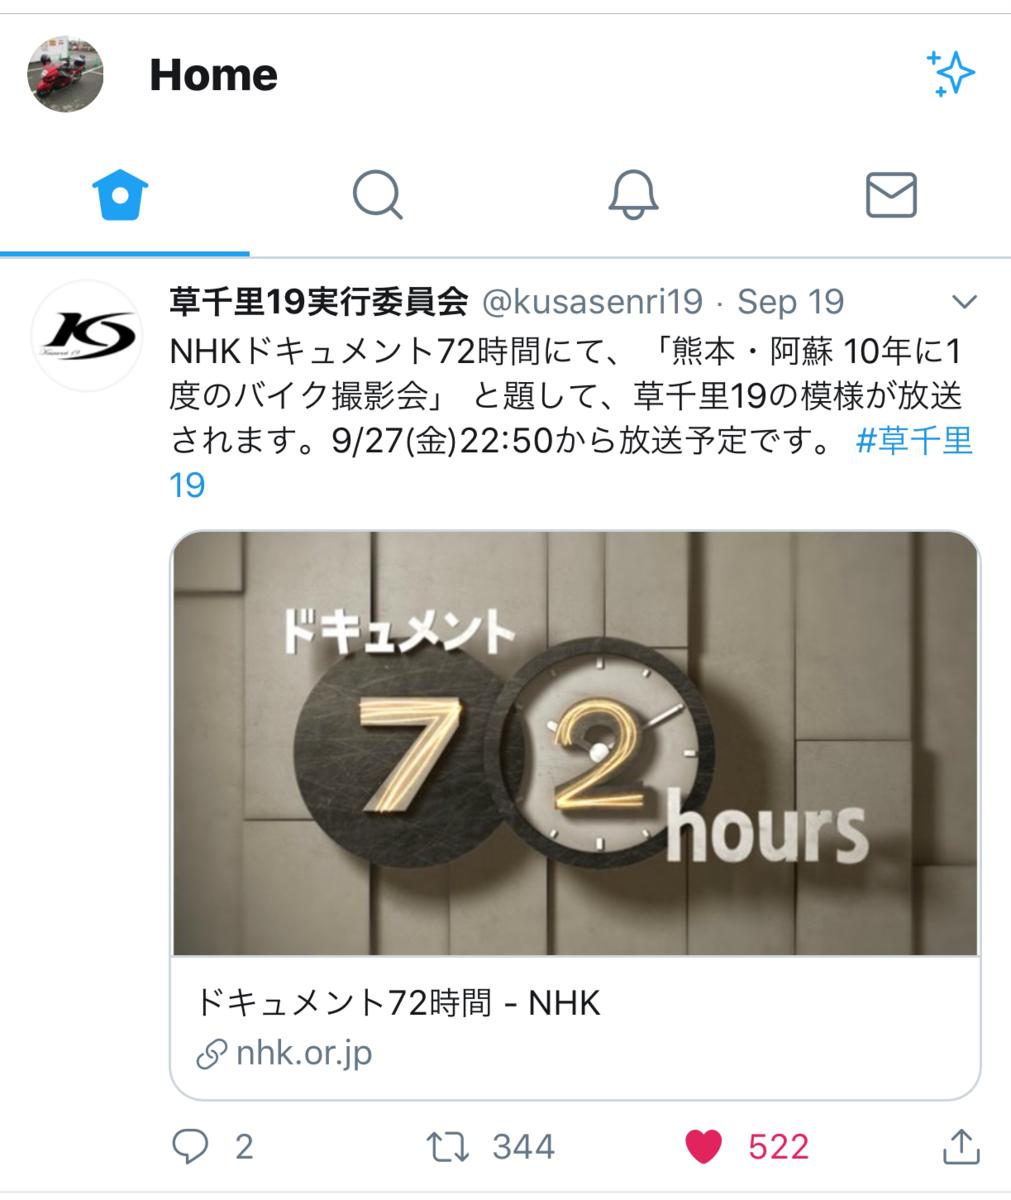 再 放送 ドキュメント 72 時間 Nhk